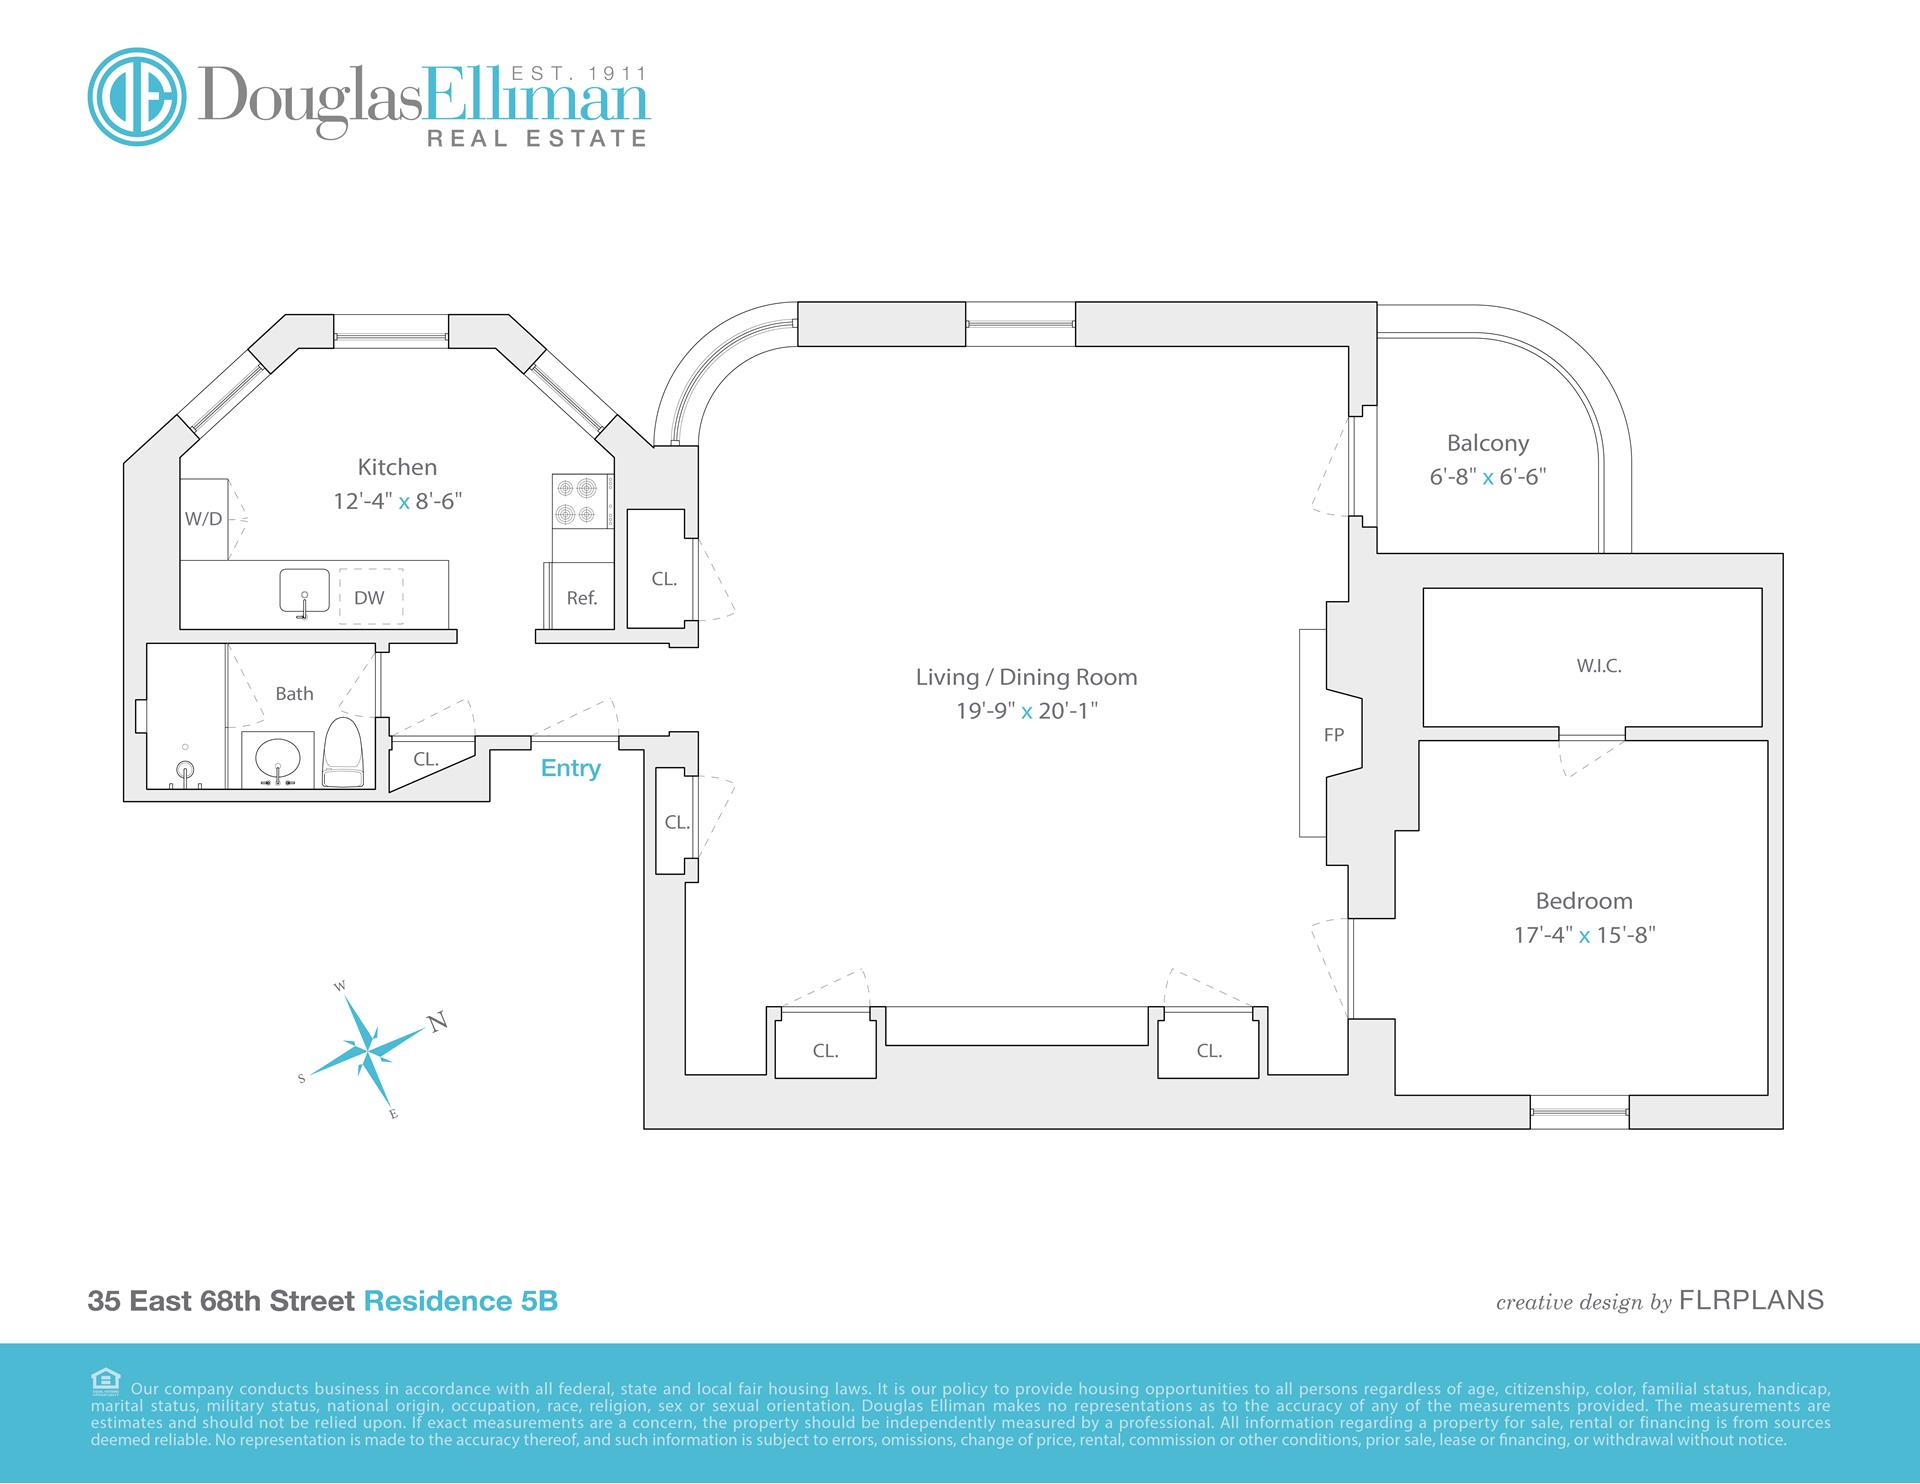 Floor plan of 35 East 68th St, 5B - Upper East Side, New York